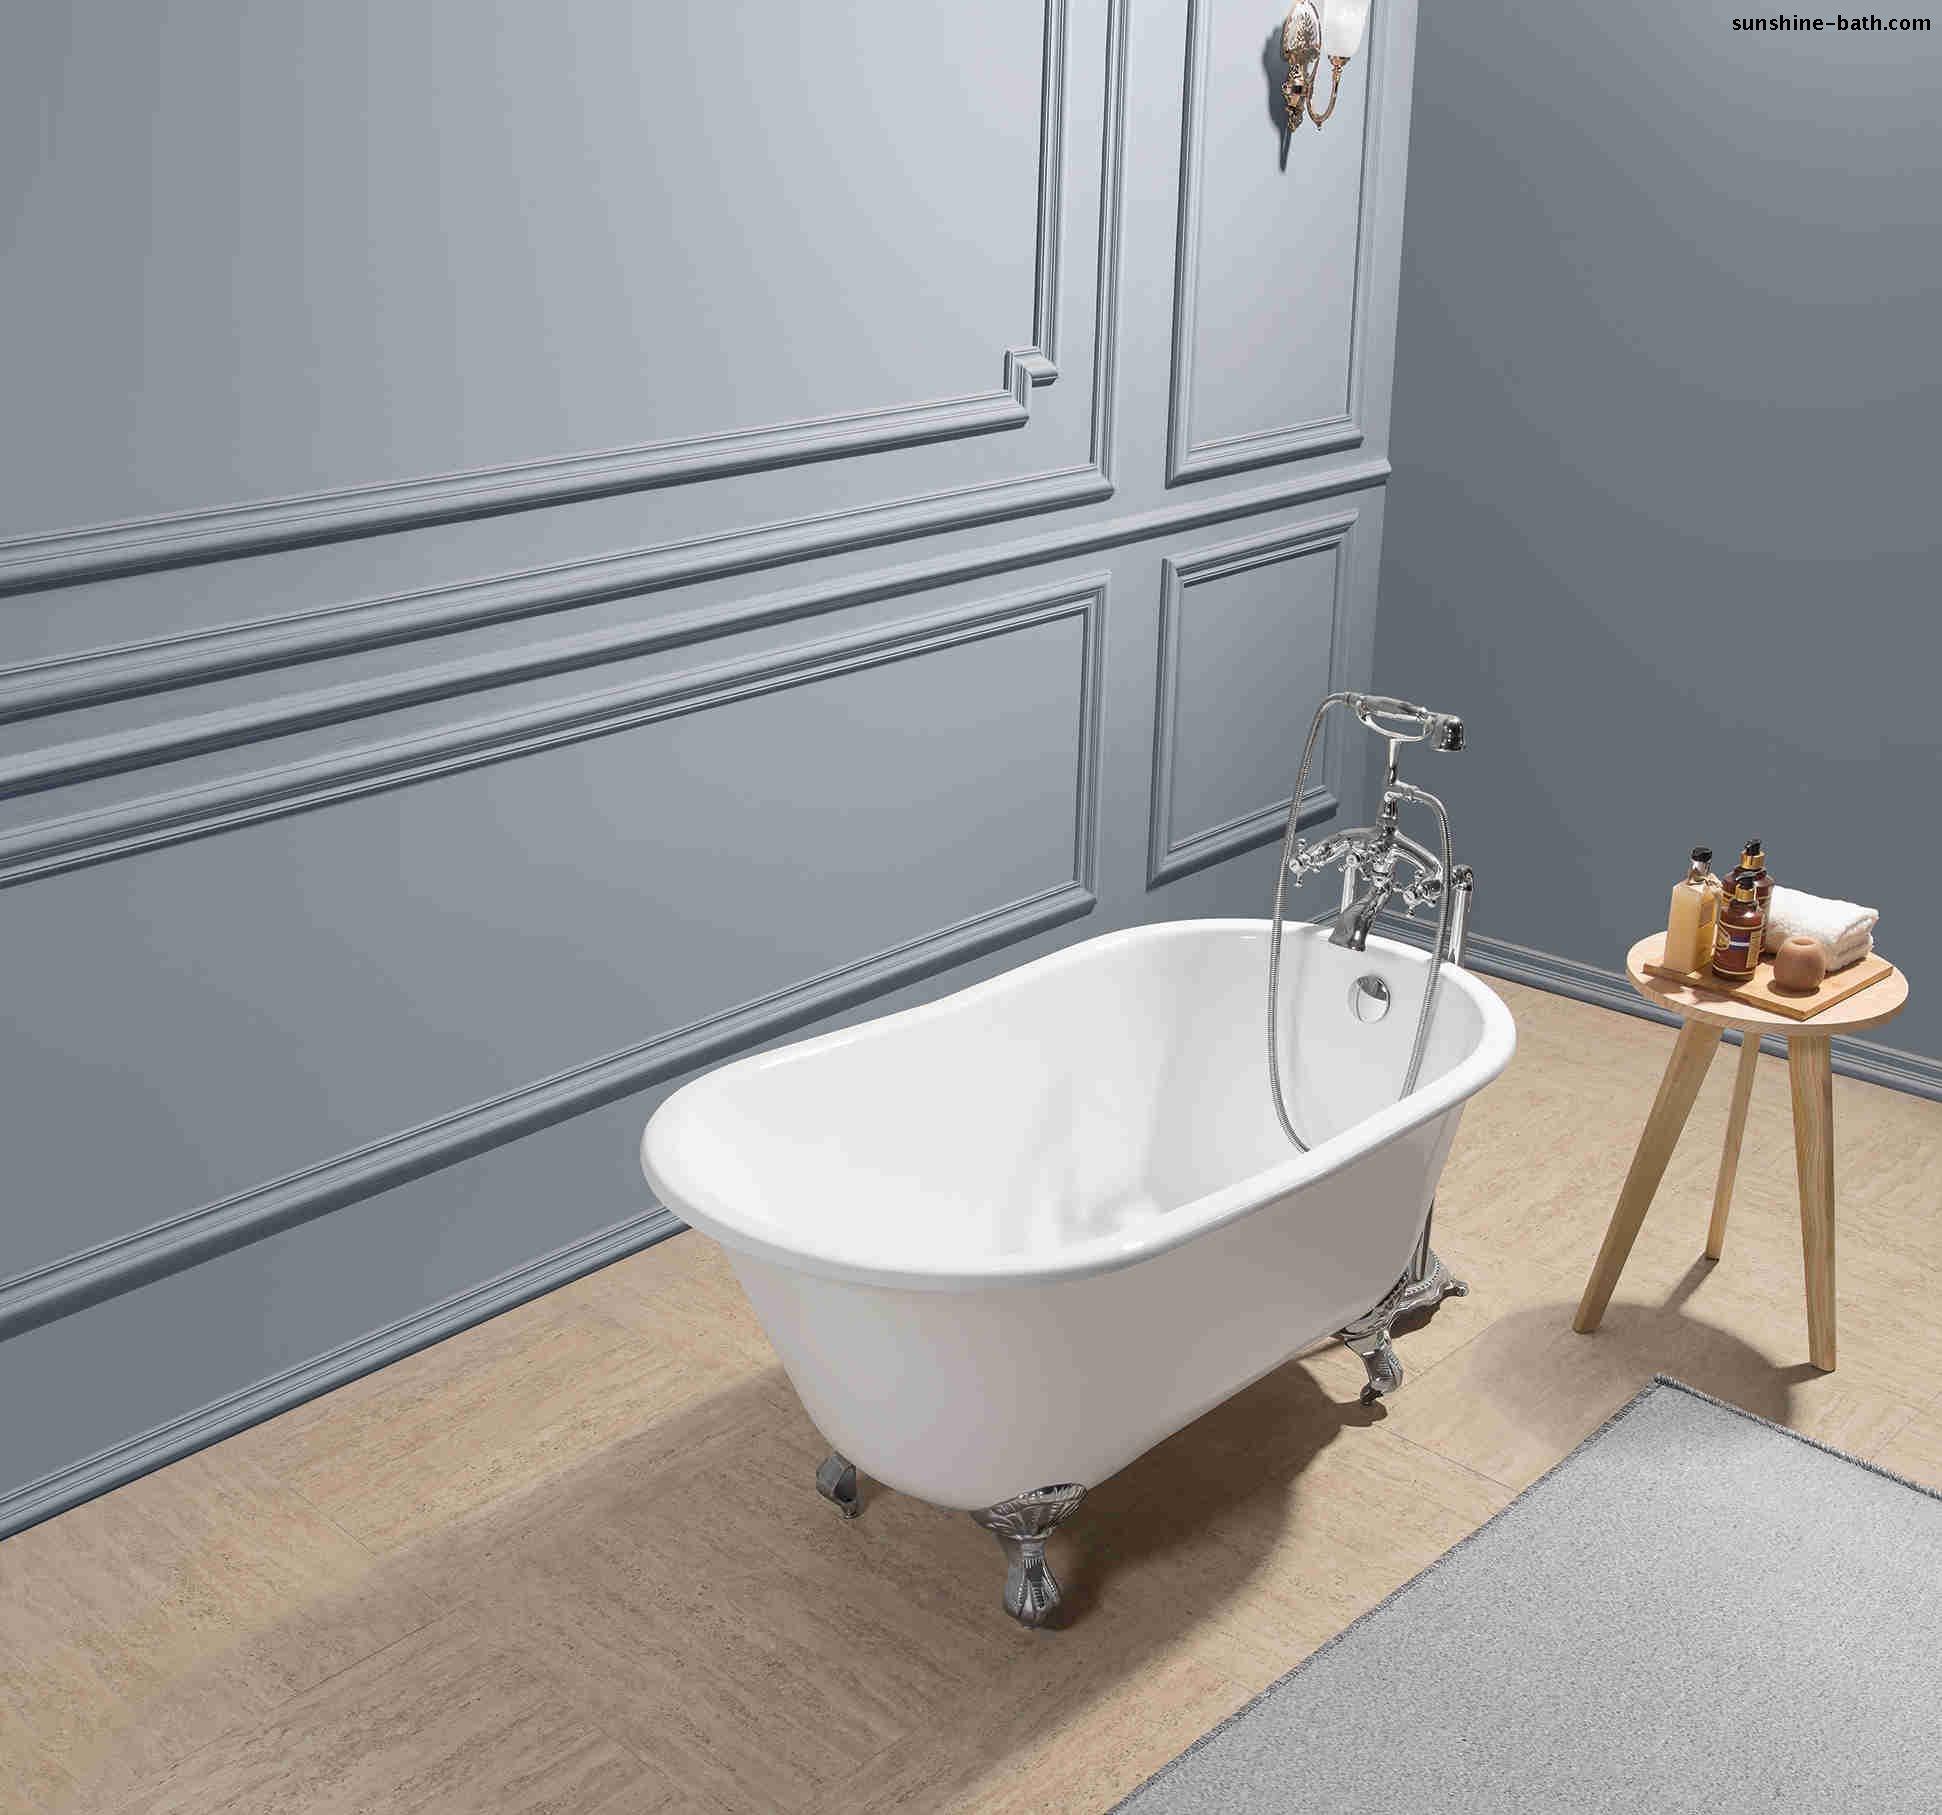 SW-1021 - Buy cast iron bathtub, porcelain enamel bathtub ...